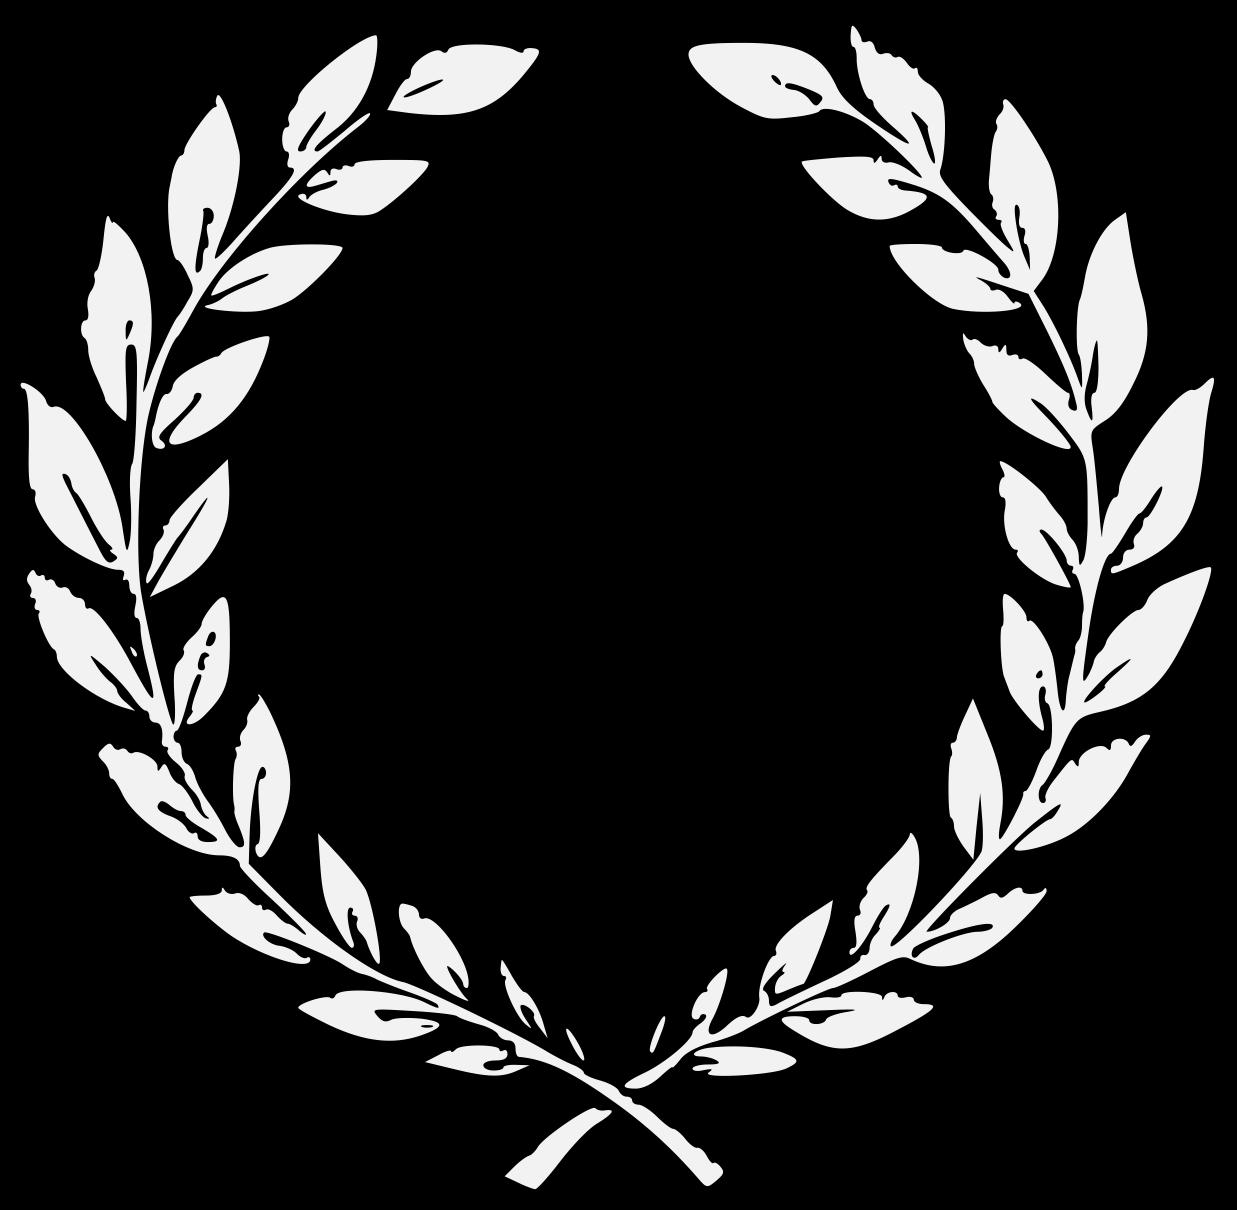 Ivy clipart laurel. Wreath traceable heraldic art